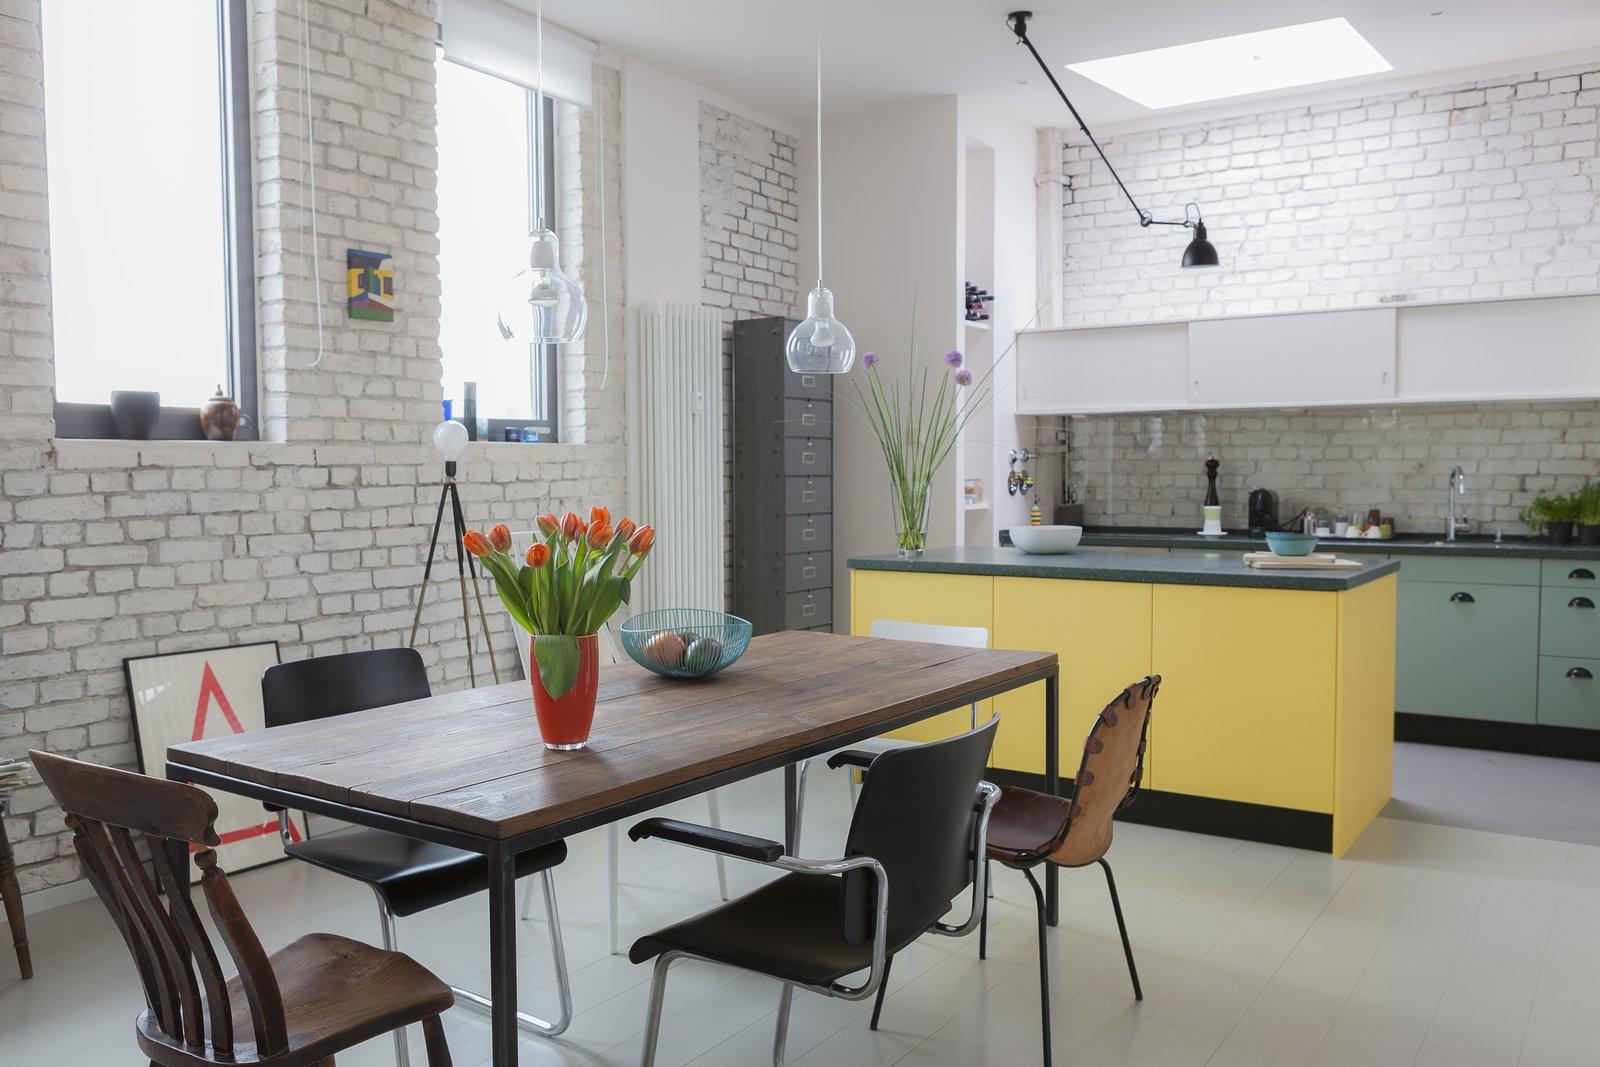 24 Hours Berlin penthouse dining area